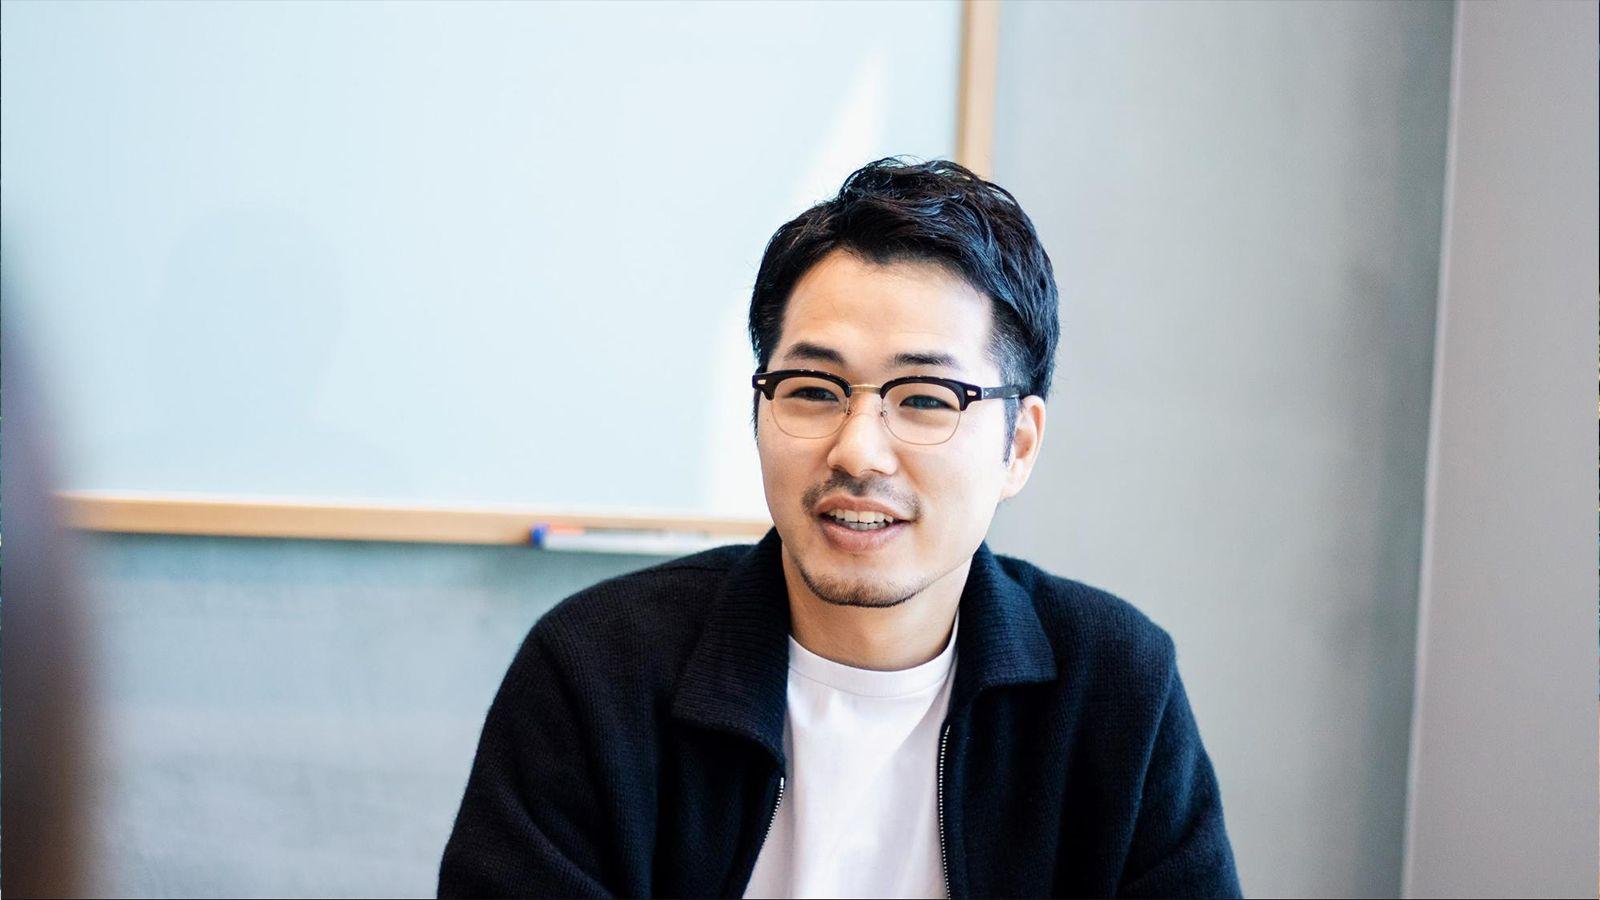 雑談することも、PMの仕事。メンバーと対立しないプロジェクトマネジメントの心得|LINE 二木祥平